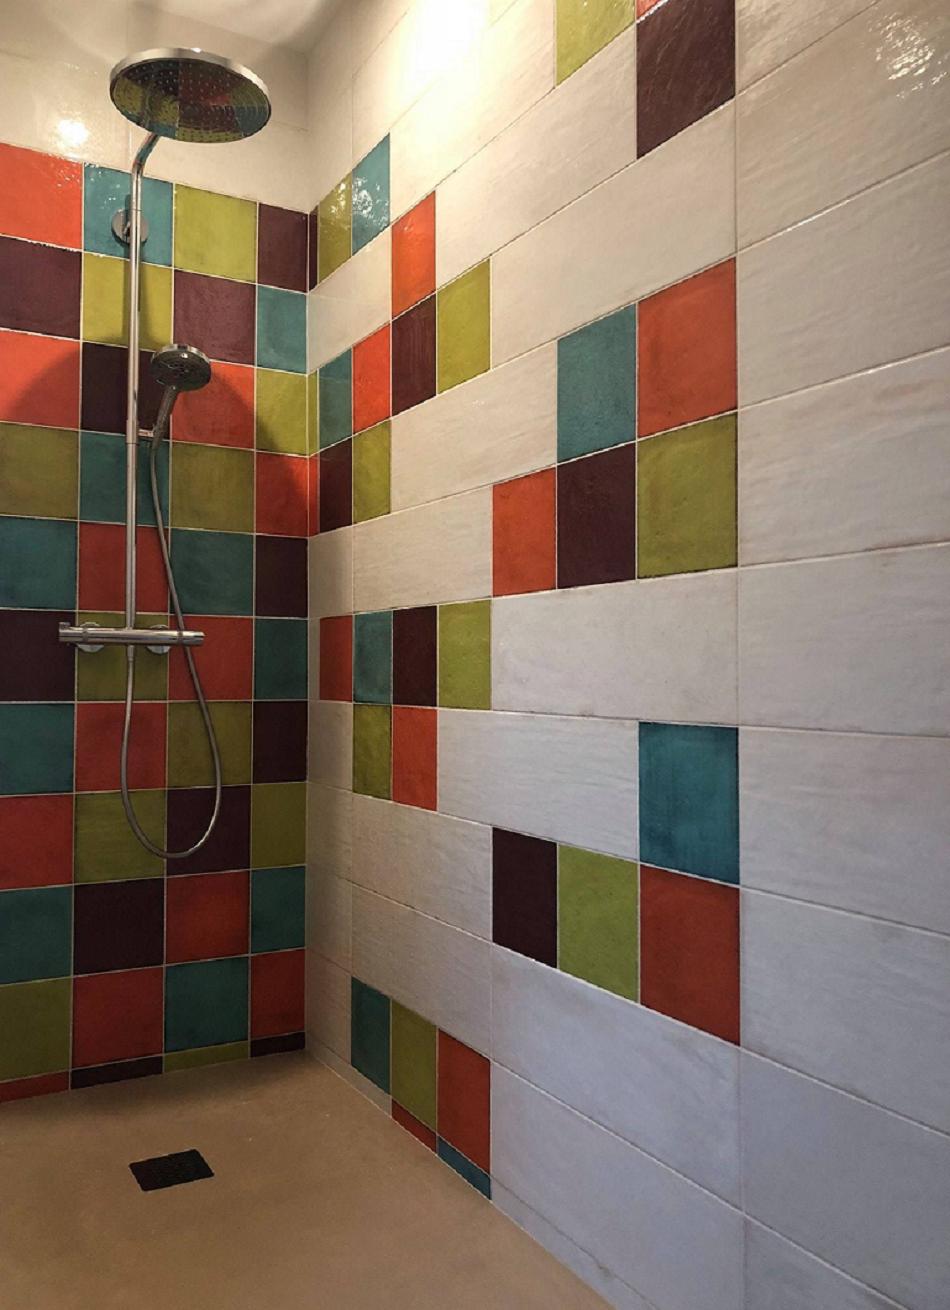 salle de bain aux couleurs vives